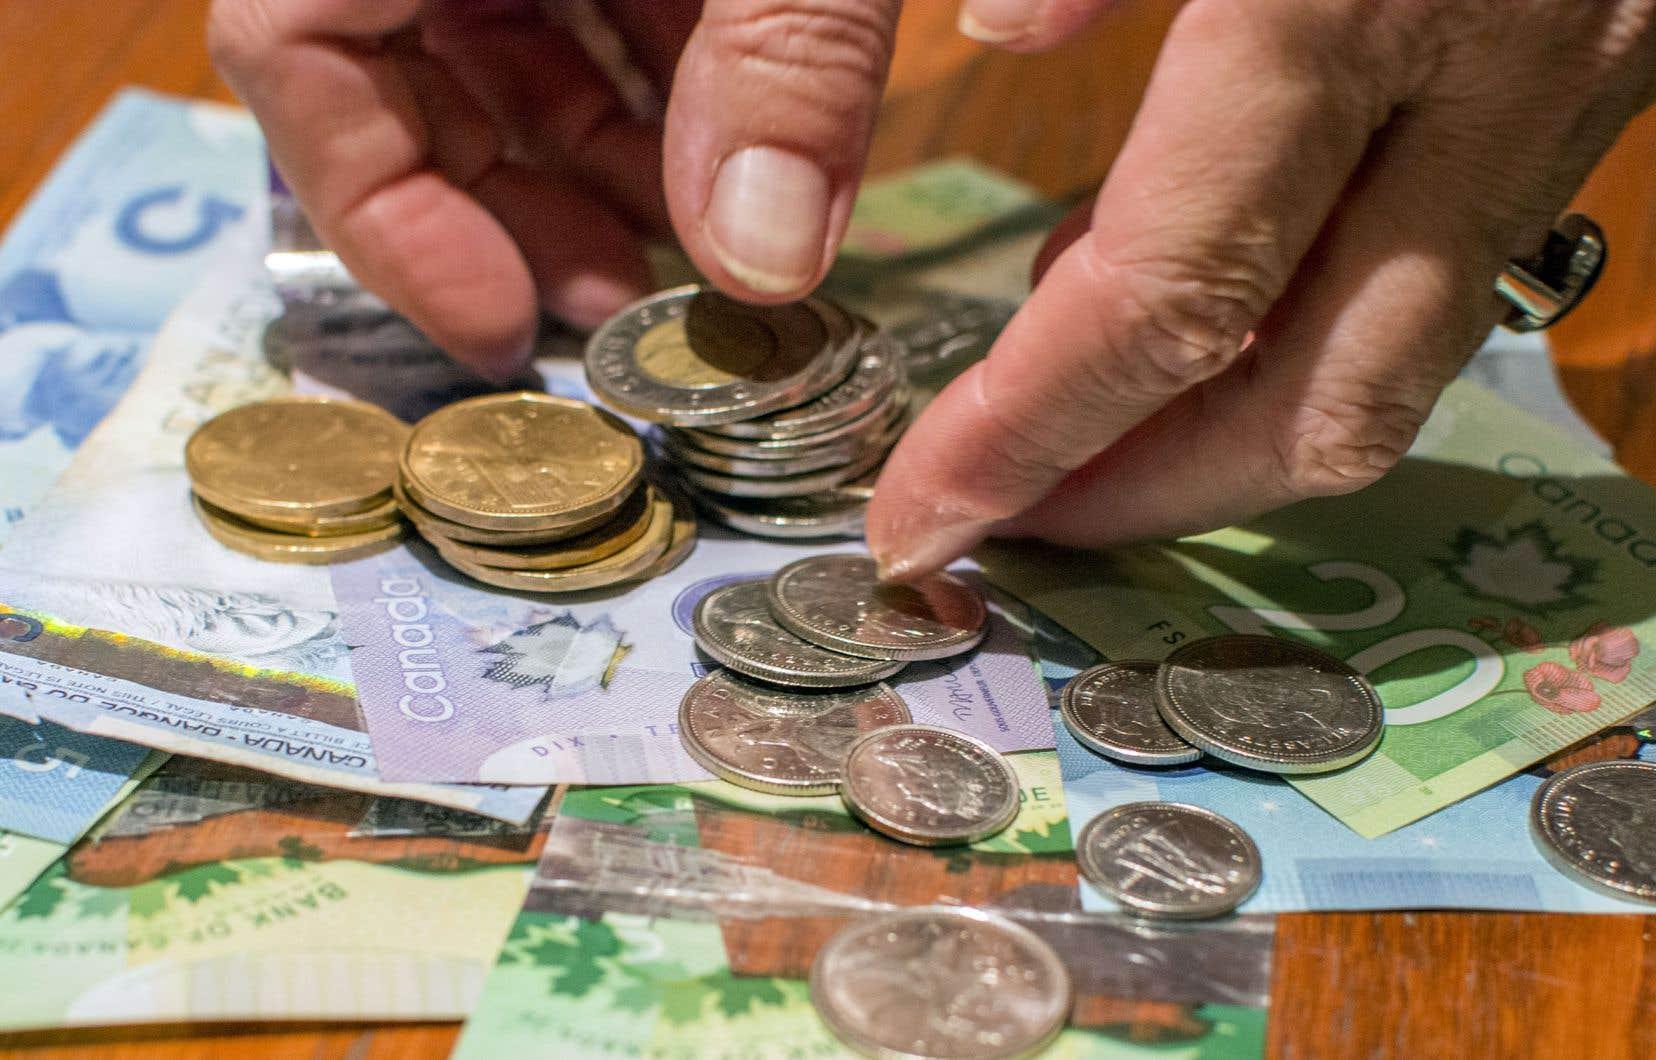 Au moment de l'enquête, les retraits moyens aux guichets automatiques s'élevaient à 195$ contre 140$ en 2017, mais, signe des temps, le montant des retraits au comptoir a, quant à lui, fondu de moitié en trois ans, d'une moyenne de 289$à seulement 141$.